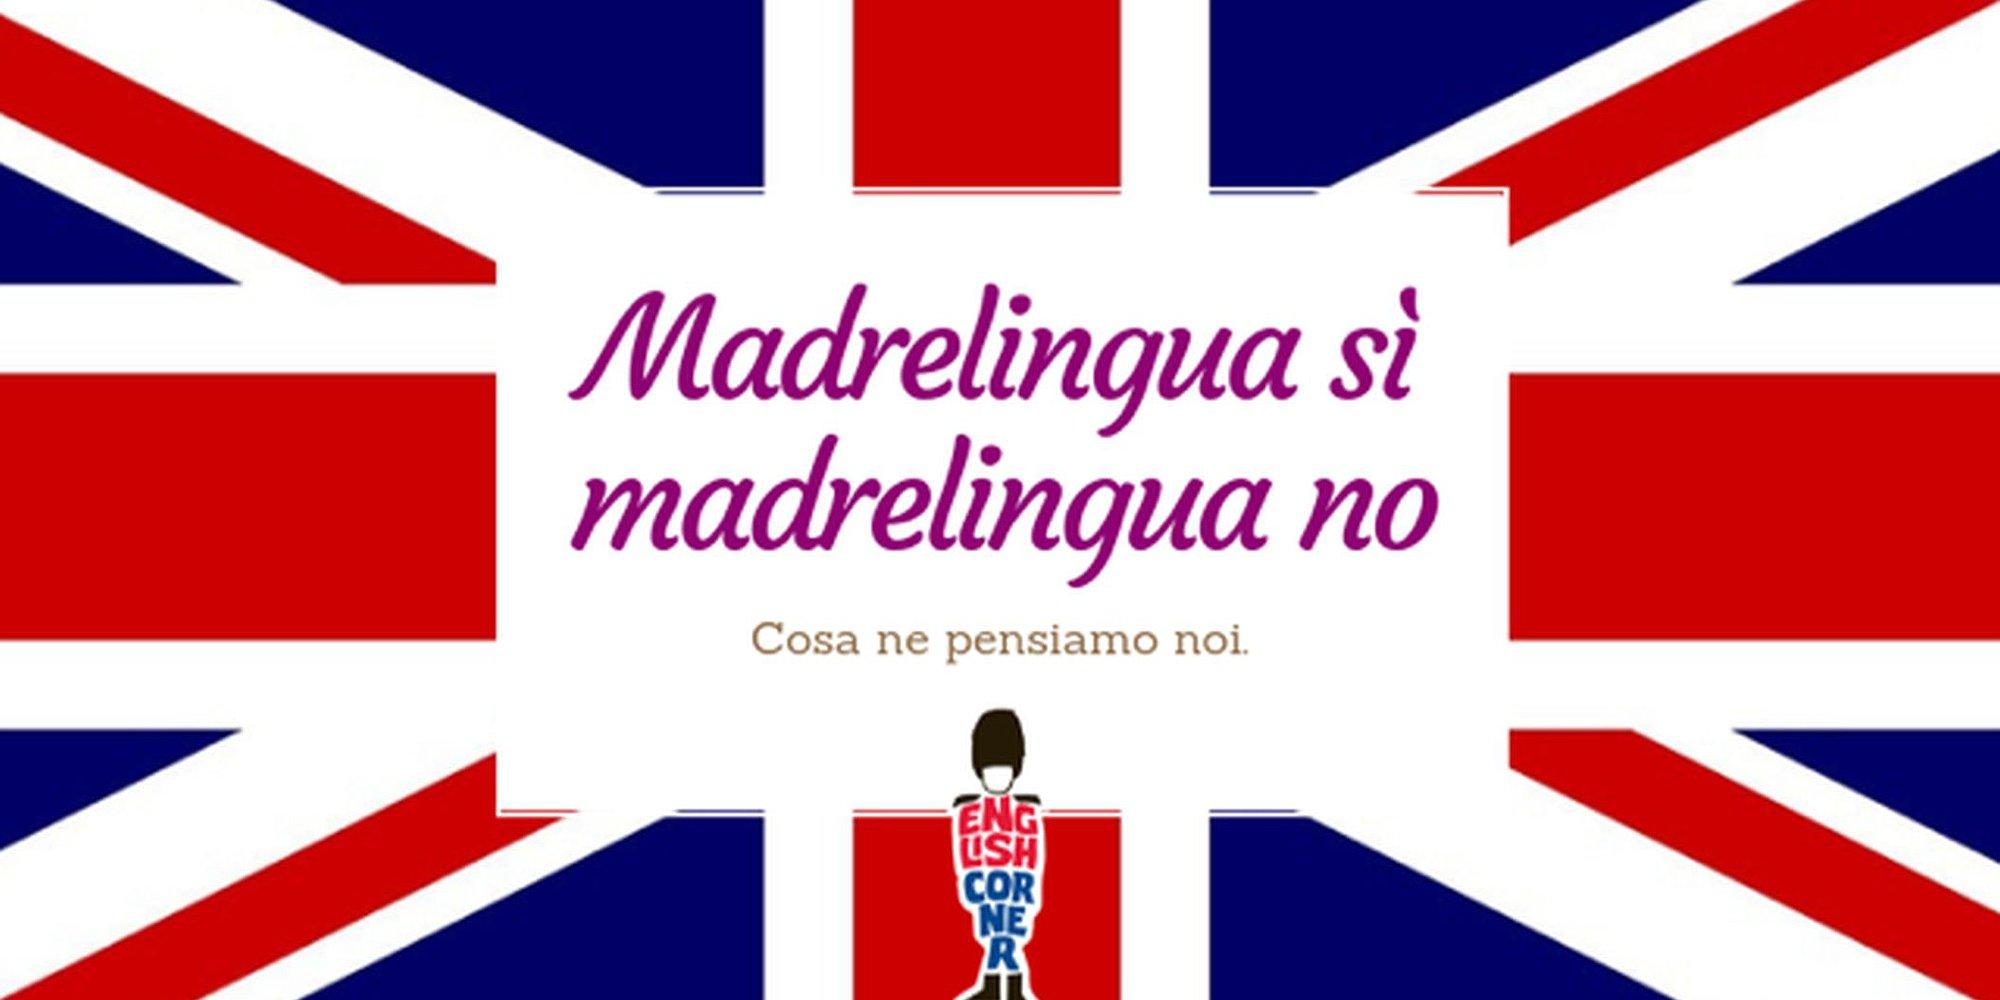 Madrelingua si o no? Vi diciamo la nostra.